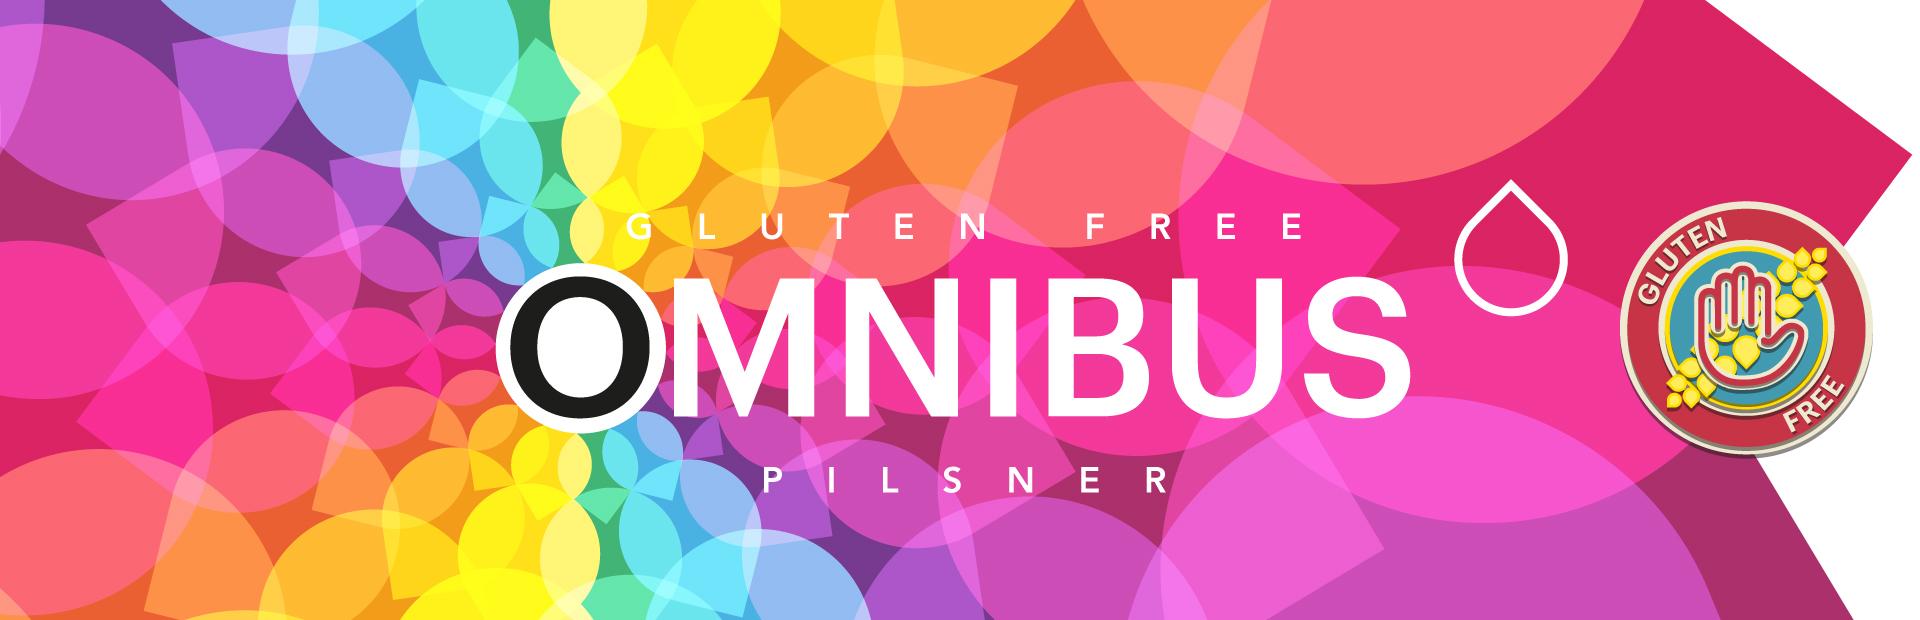 Omnibus, etichetta